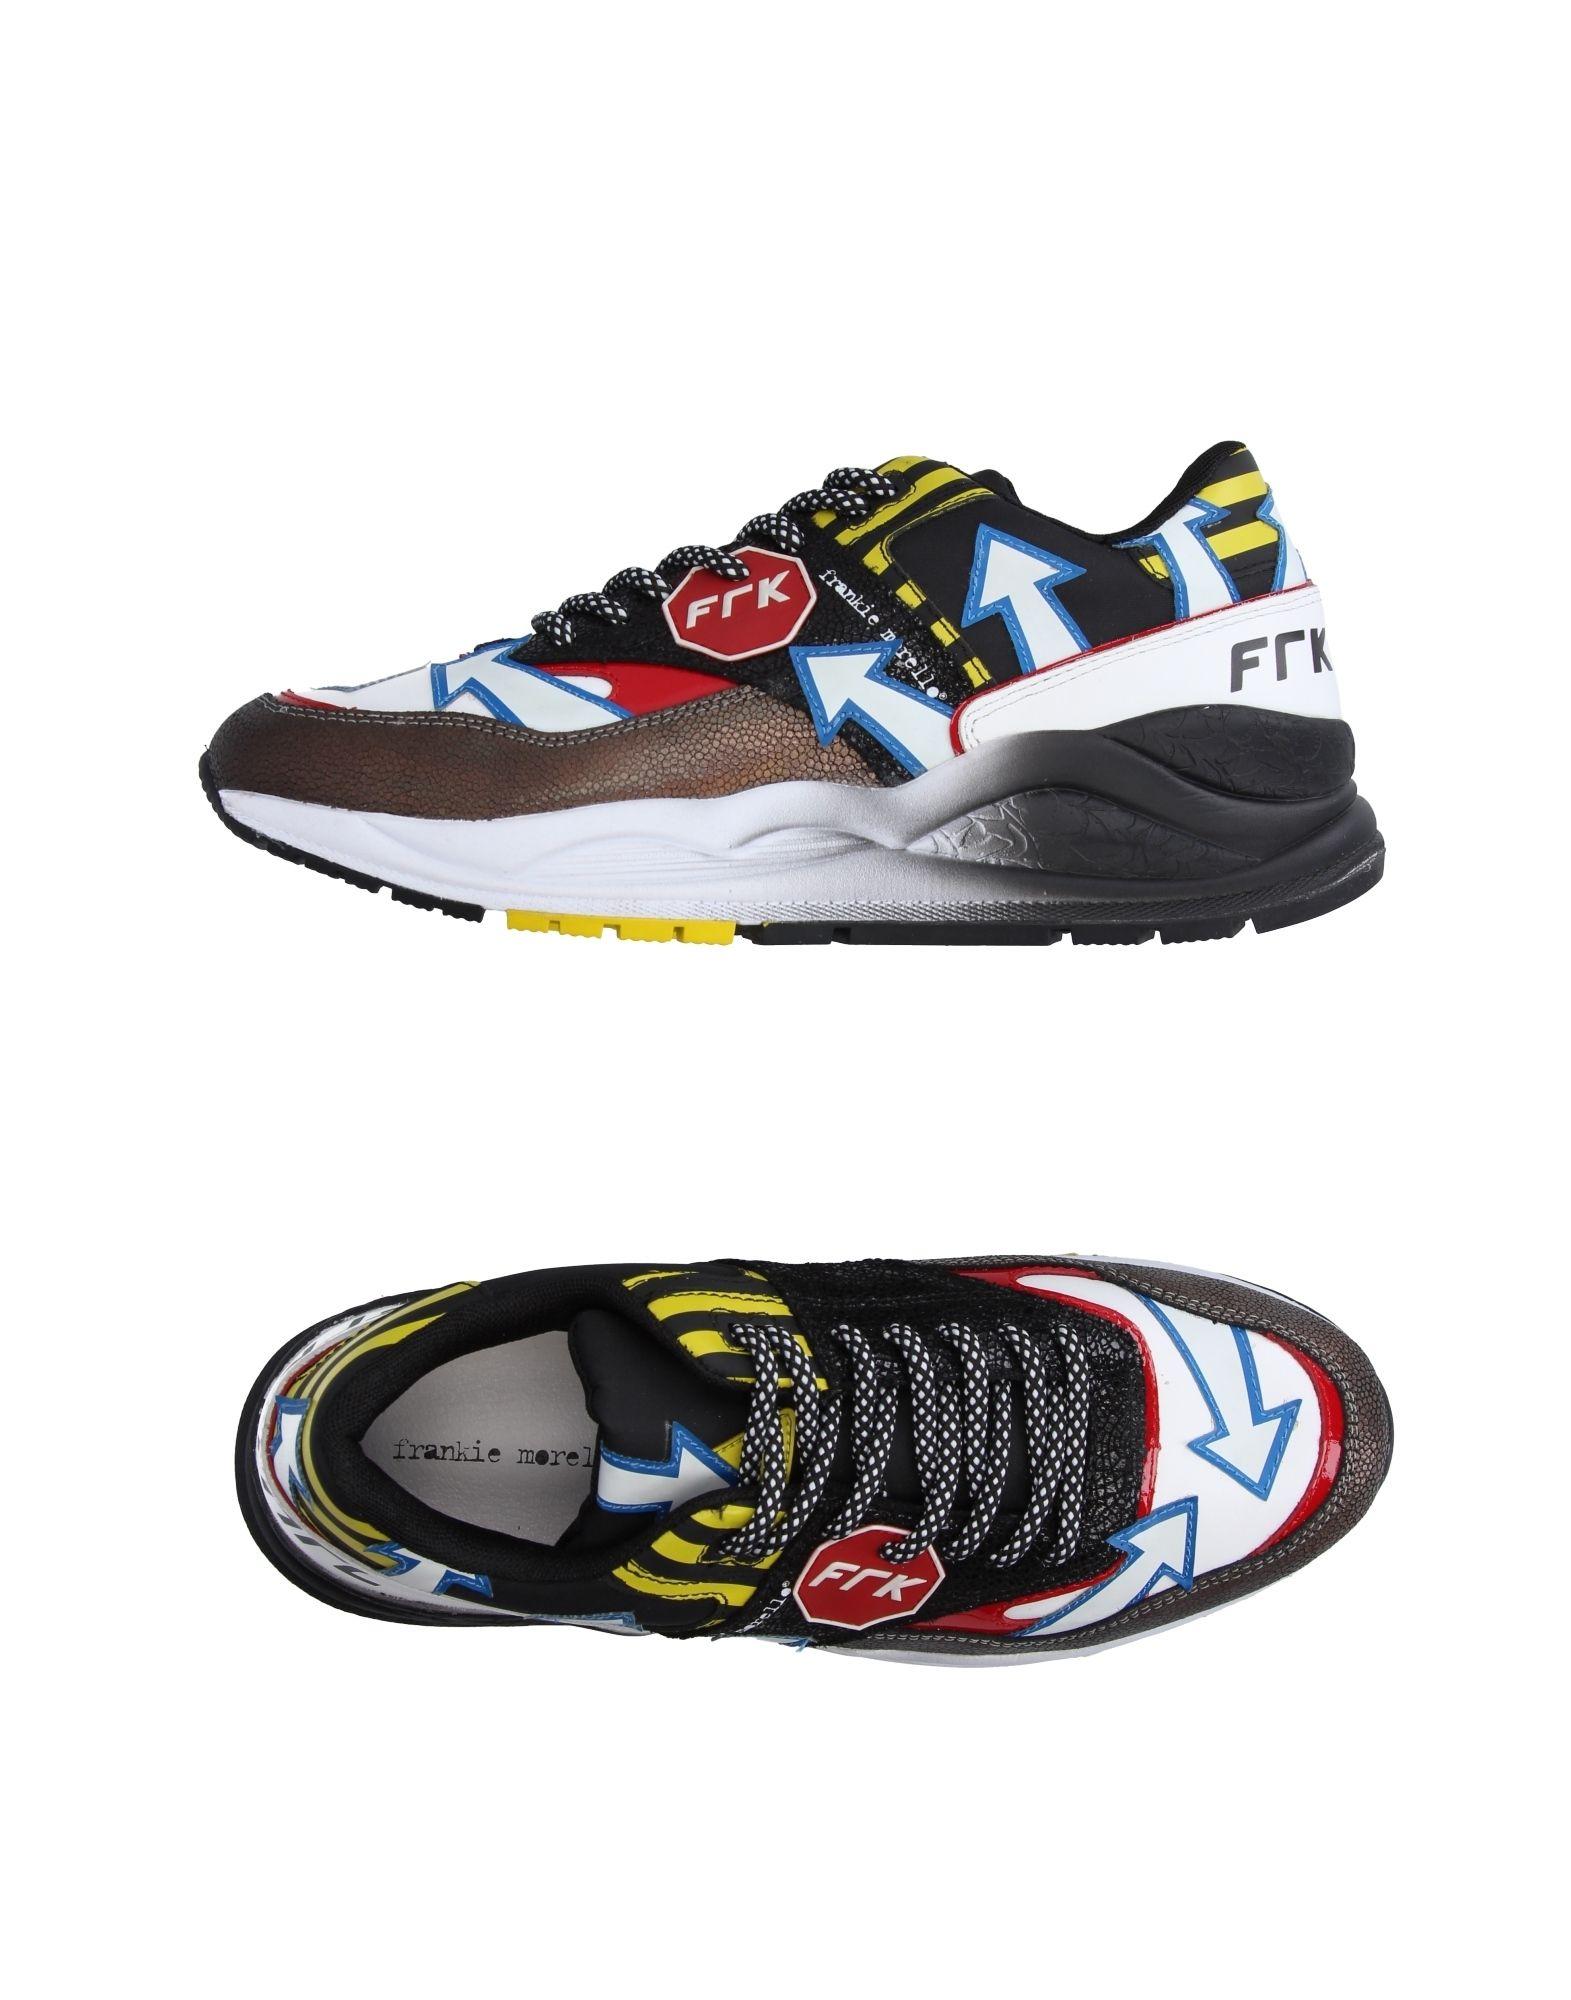 Sneakers Frankie Morello Homme - Sneakers Frankie Morello  Noir Réduction de prix saisonnier, remise